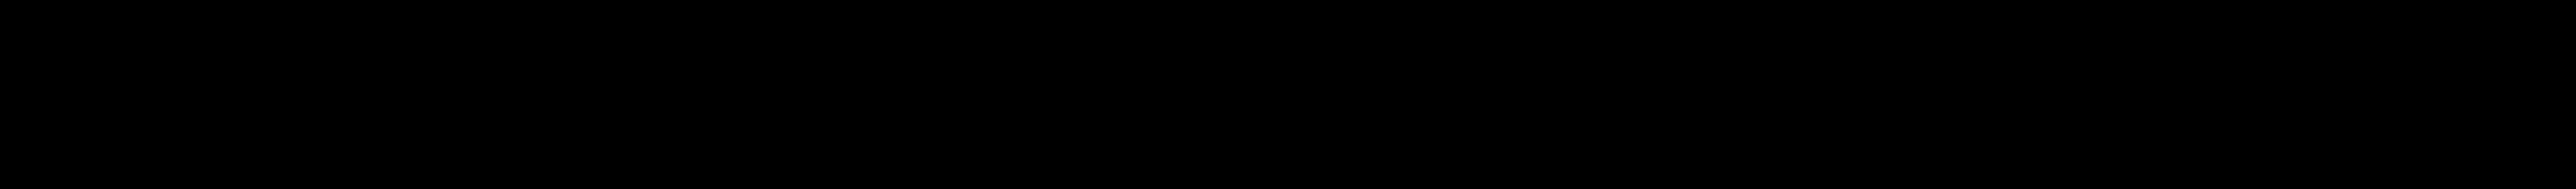 YWFT Ultramagnetic Regular